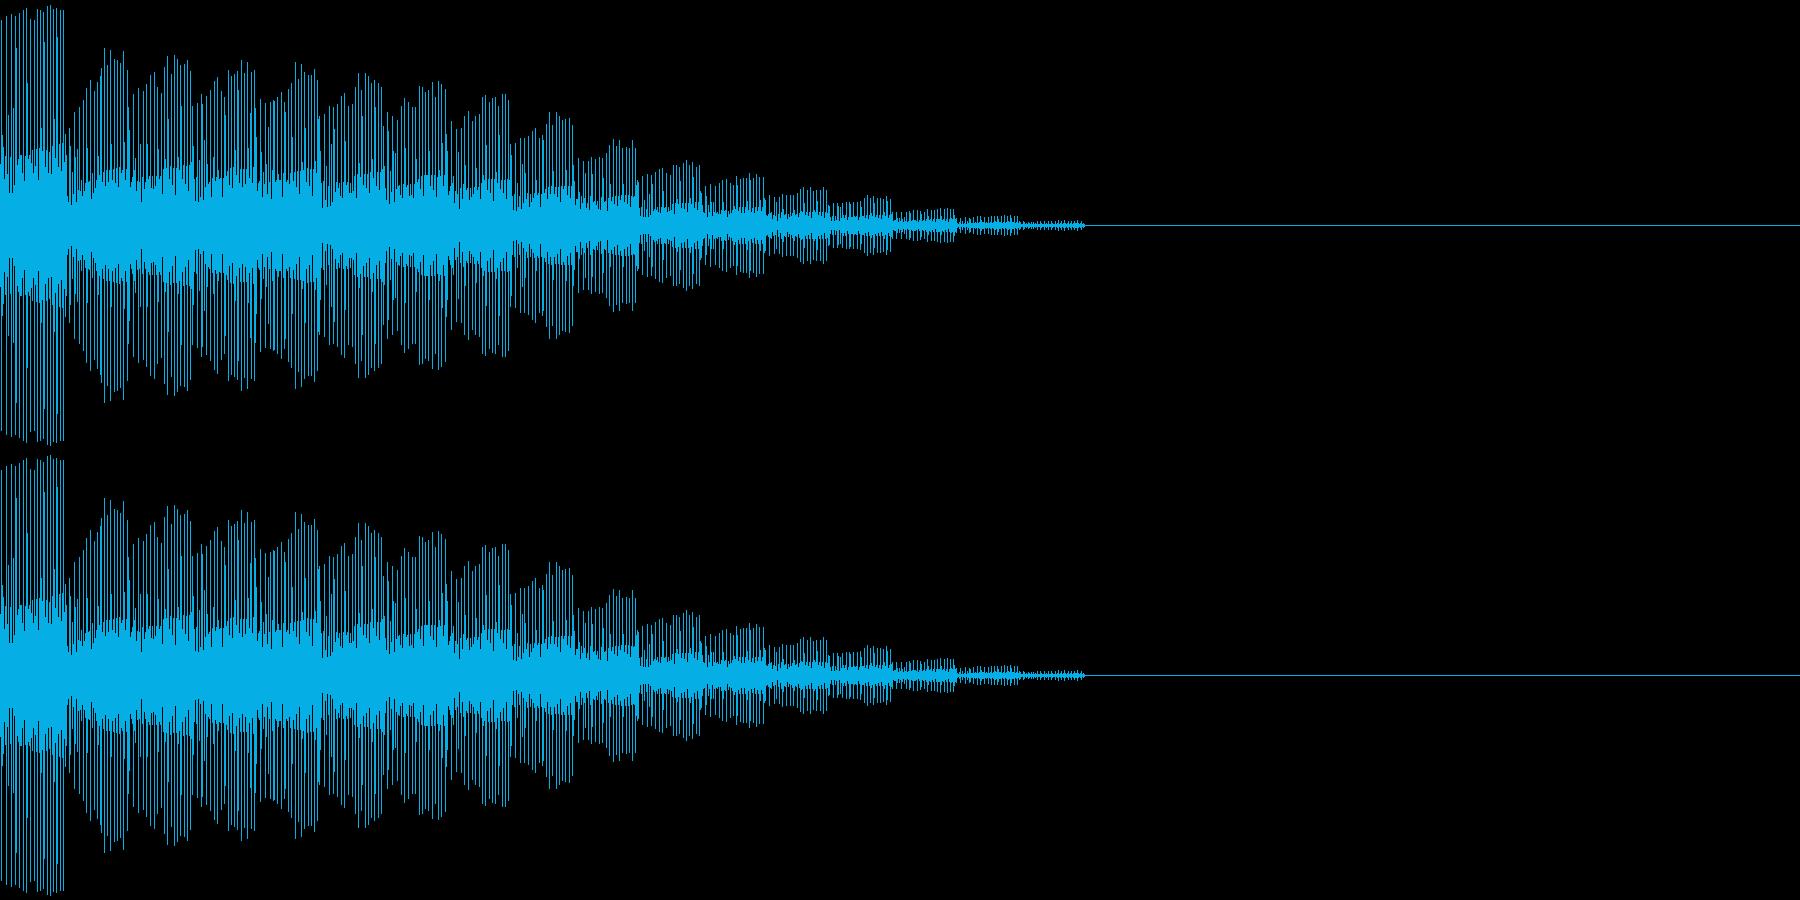 ピロロロロロンの再生済みの波形